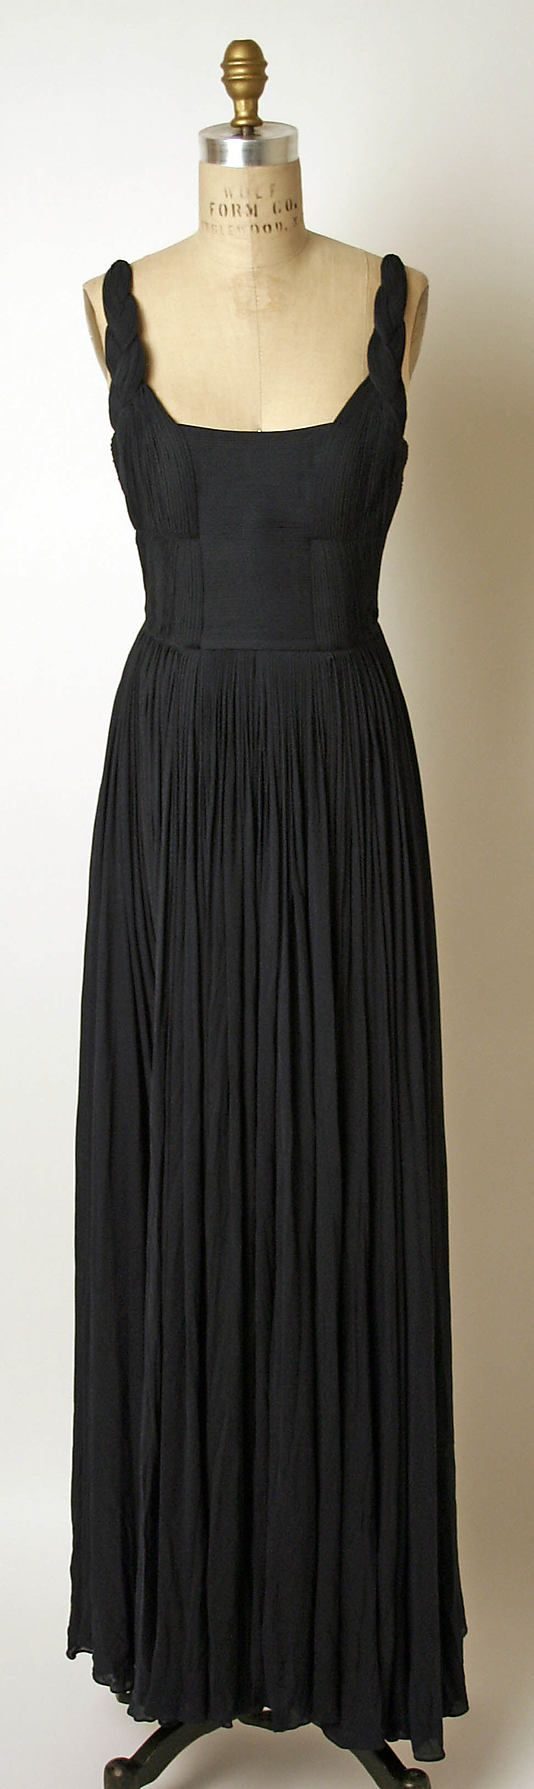 Evening Dress, Madame Gres